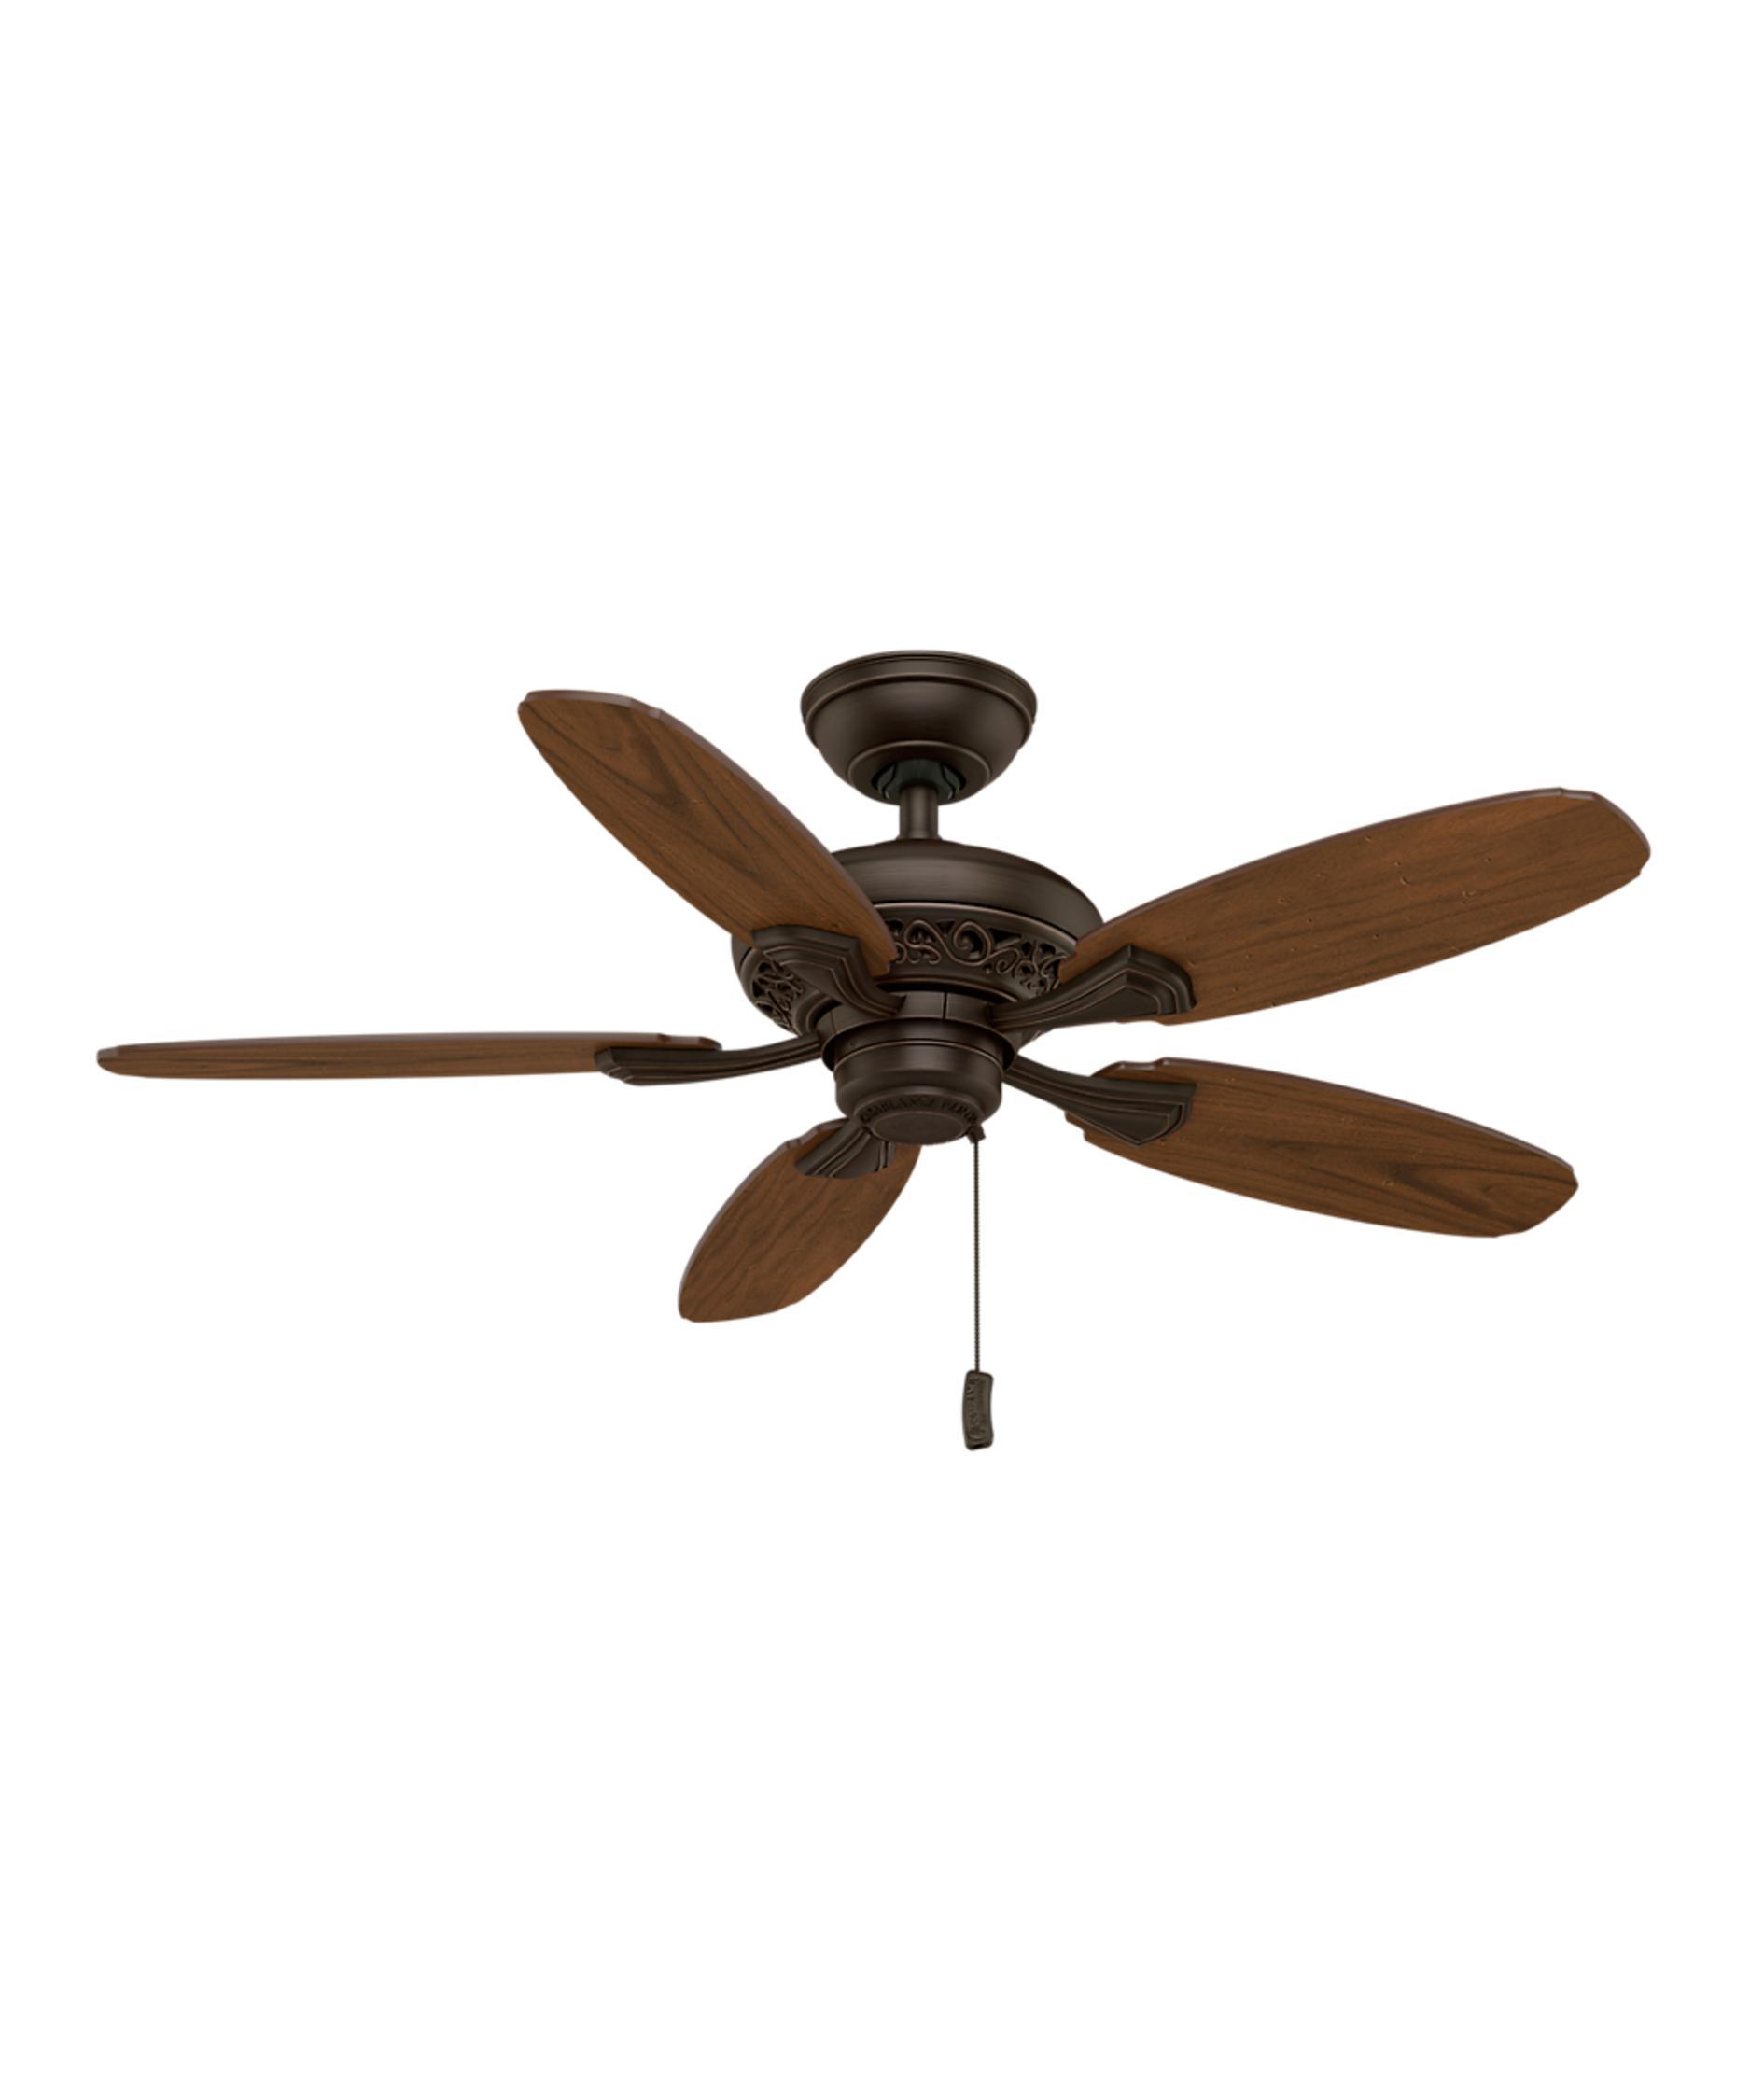 Casablanca 53195 Fordham 44 Inch Ceiling Fan